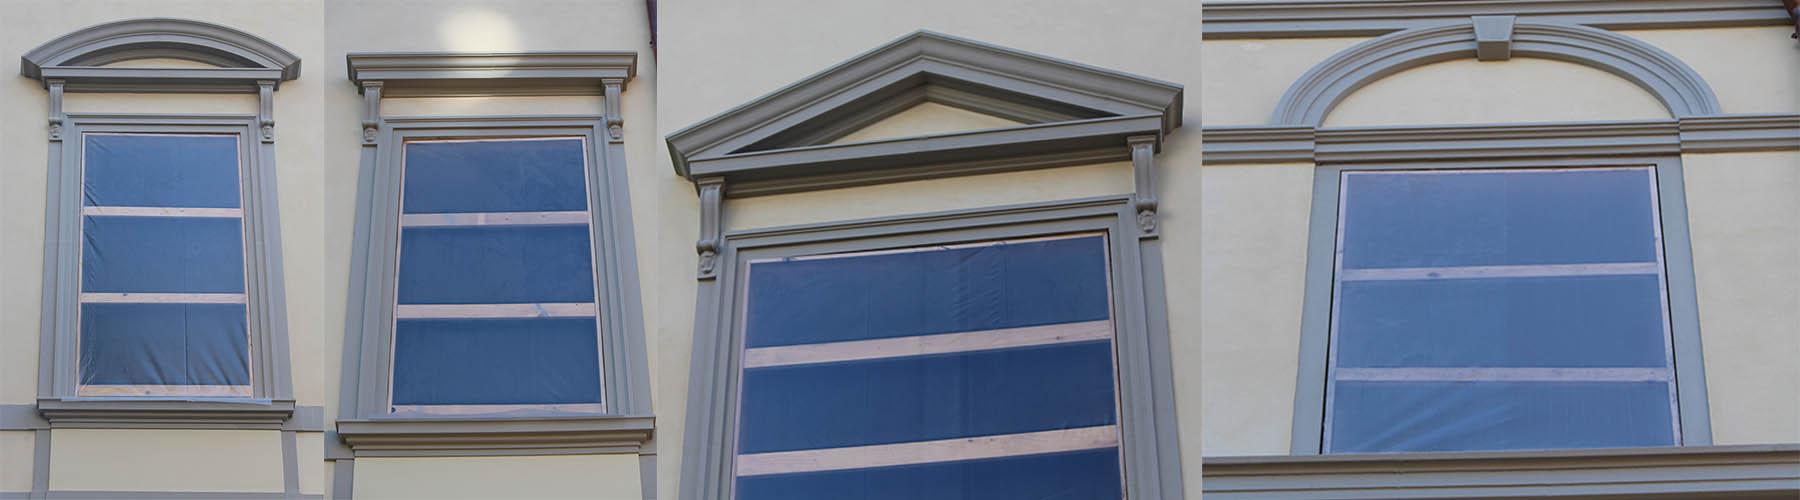 cornici per finestre esterne in polistirolo preintonacato per restauro